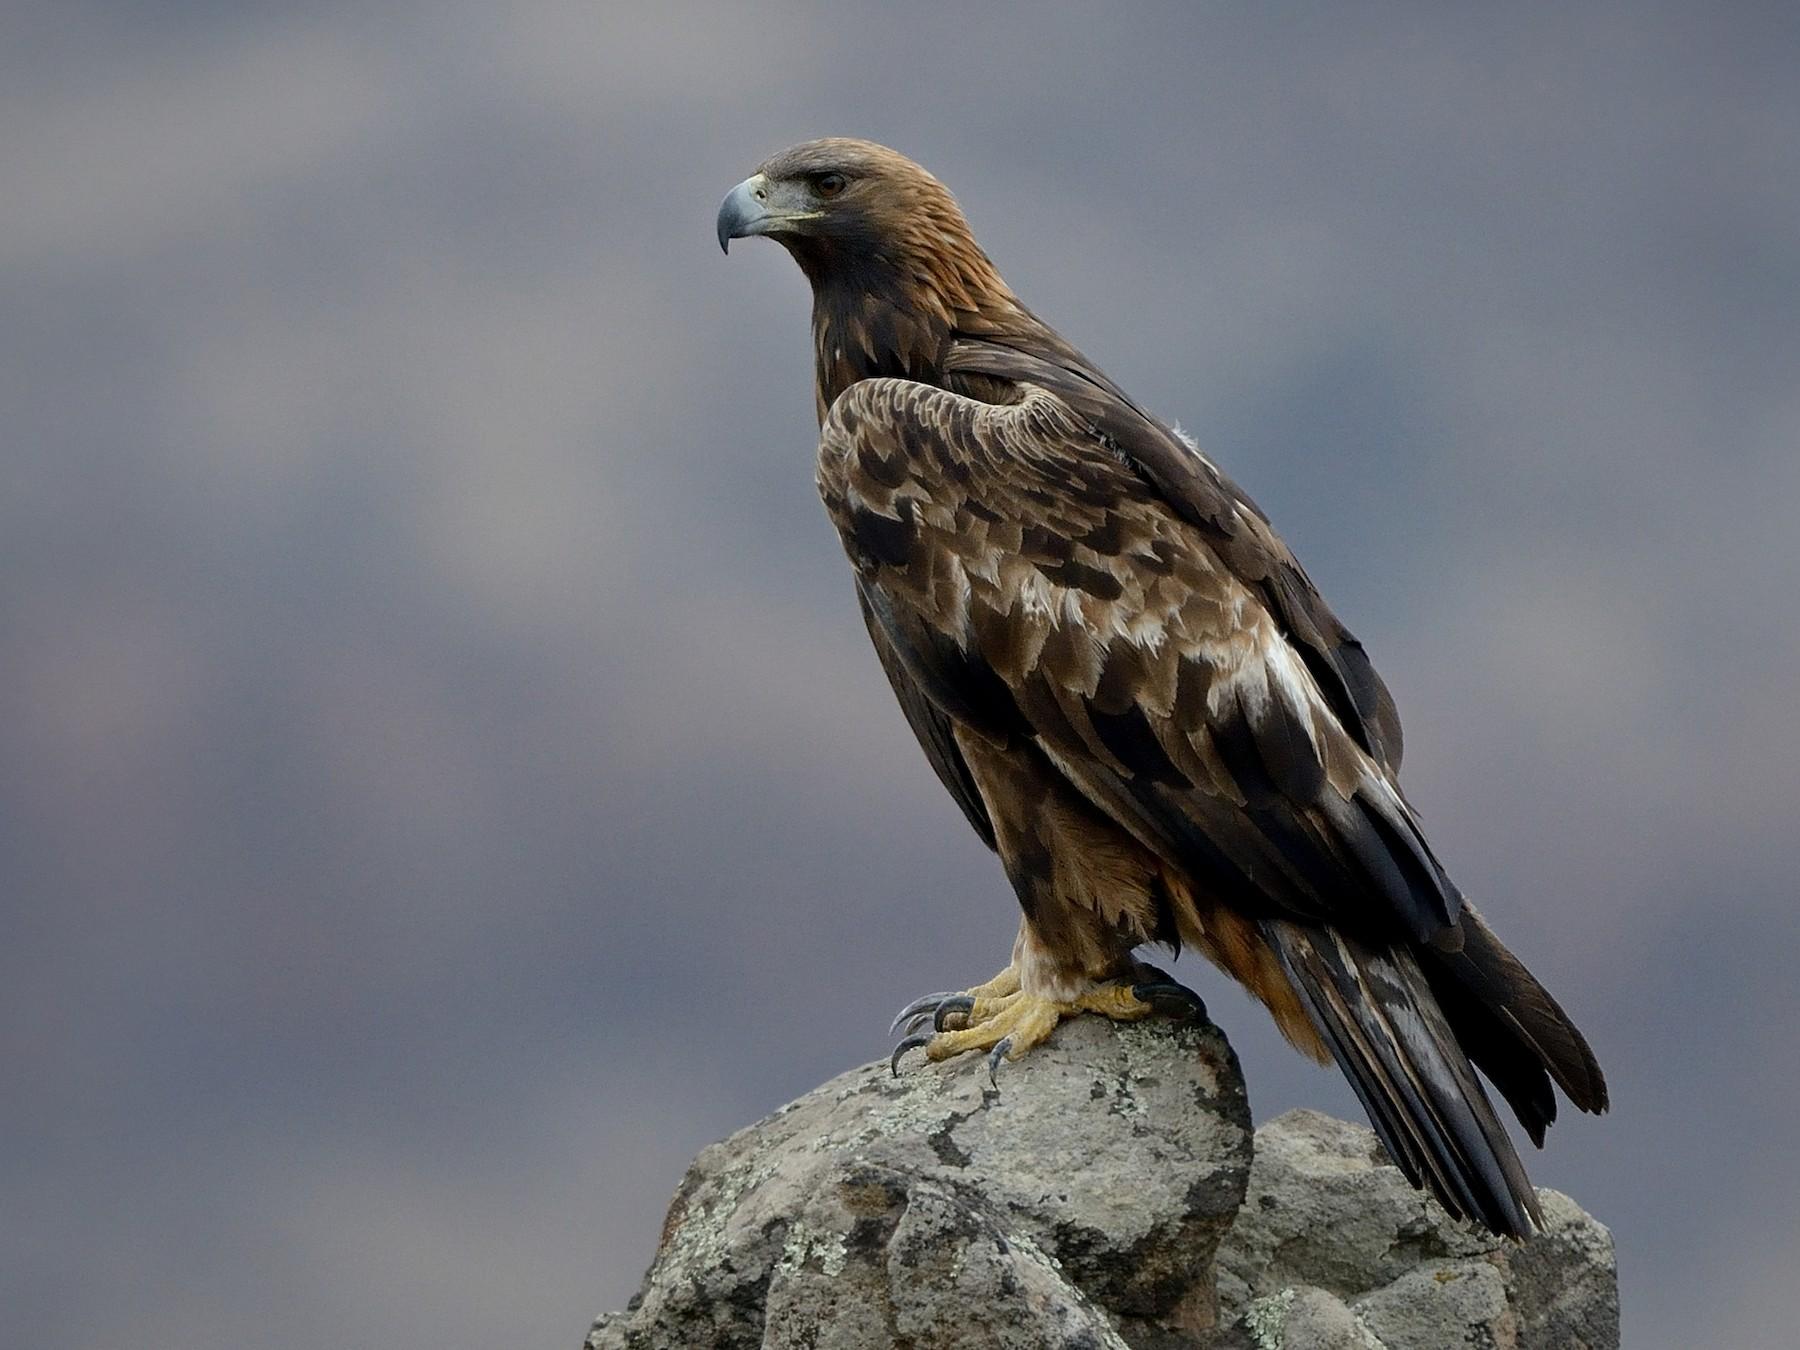 Golden Eagle - Pavel Štěpánek